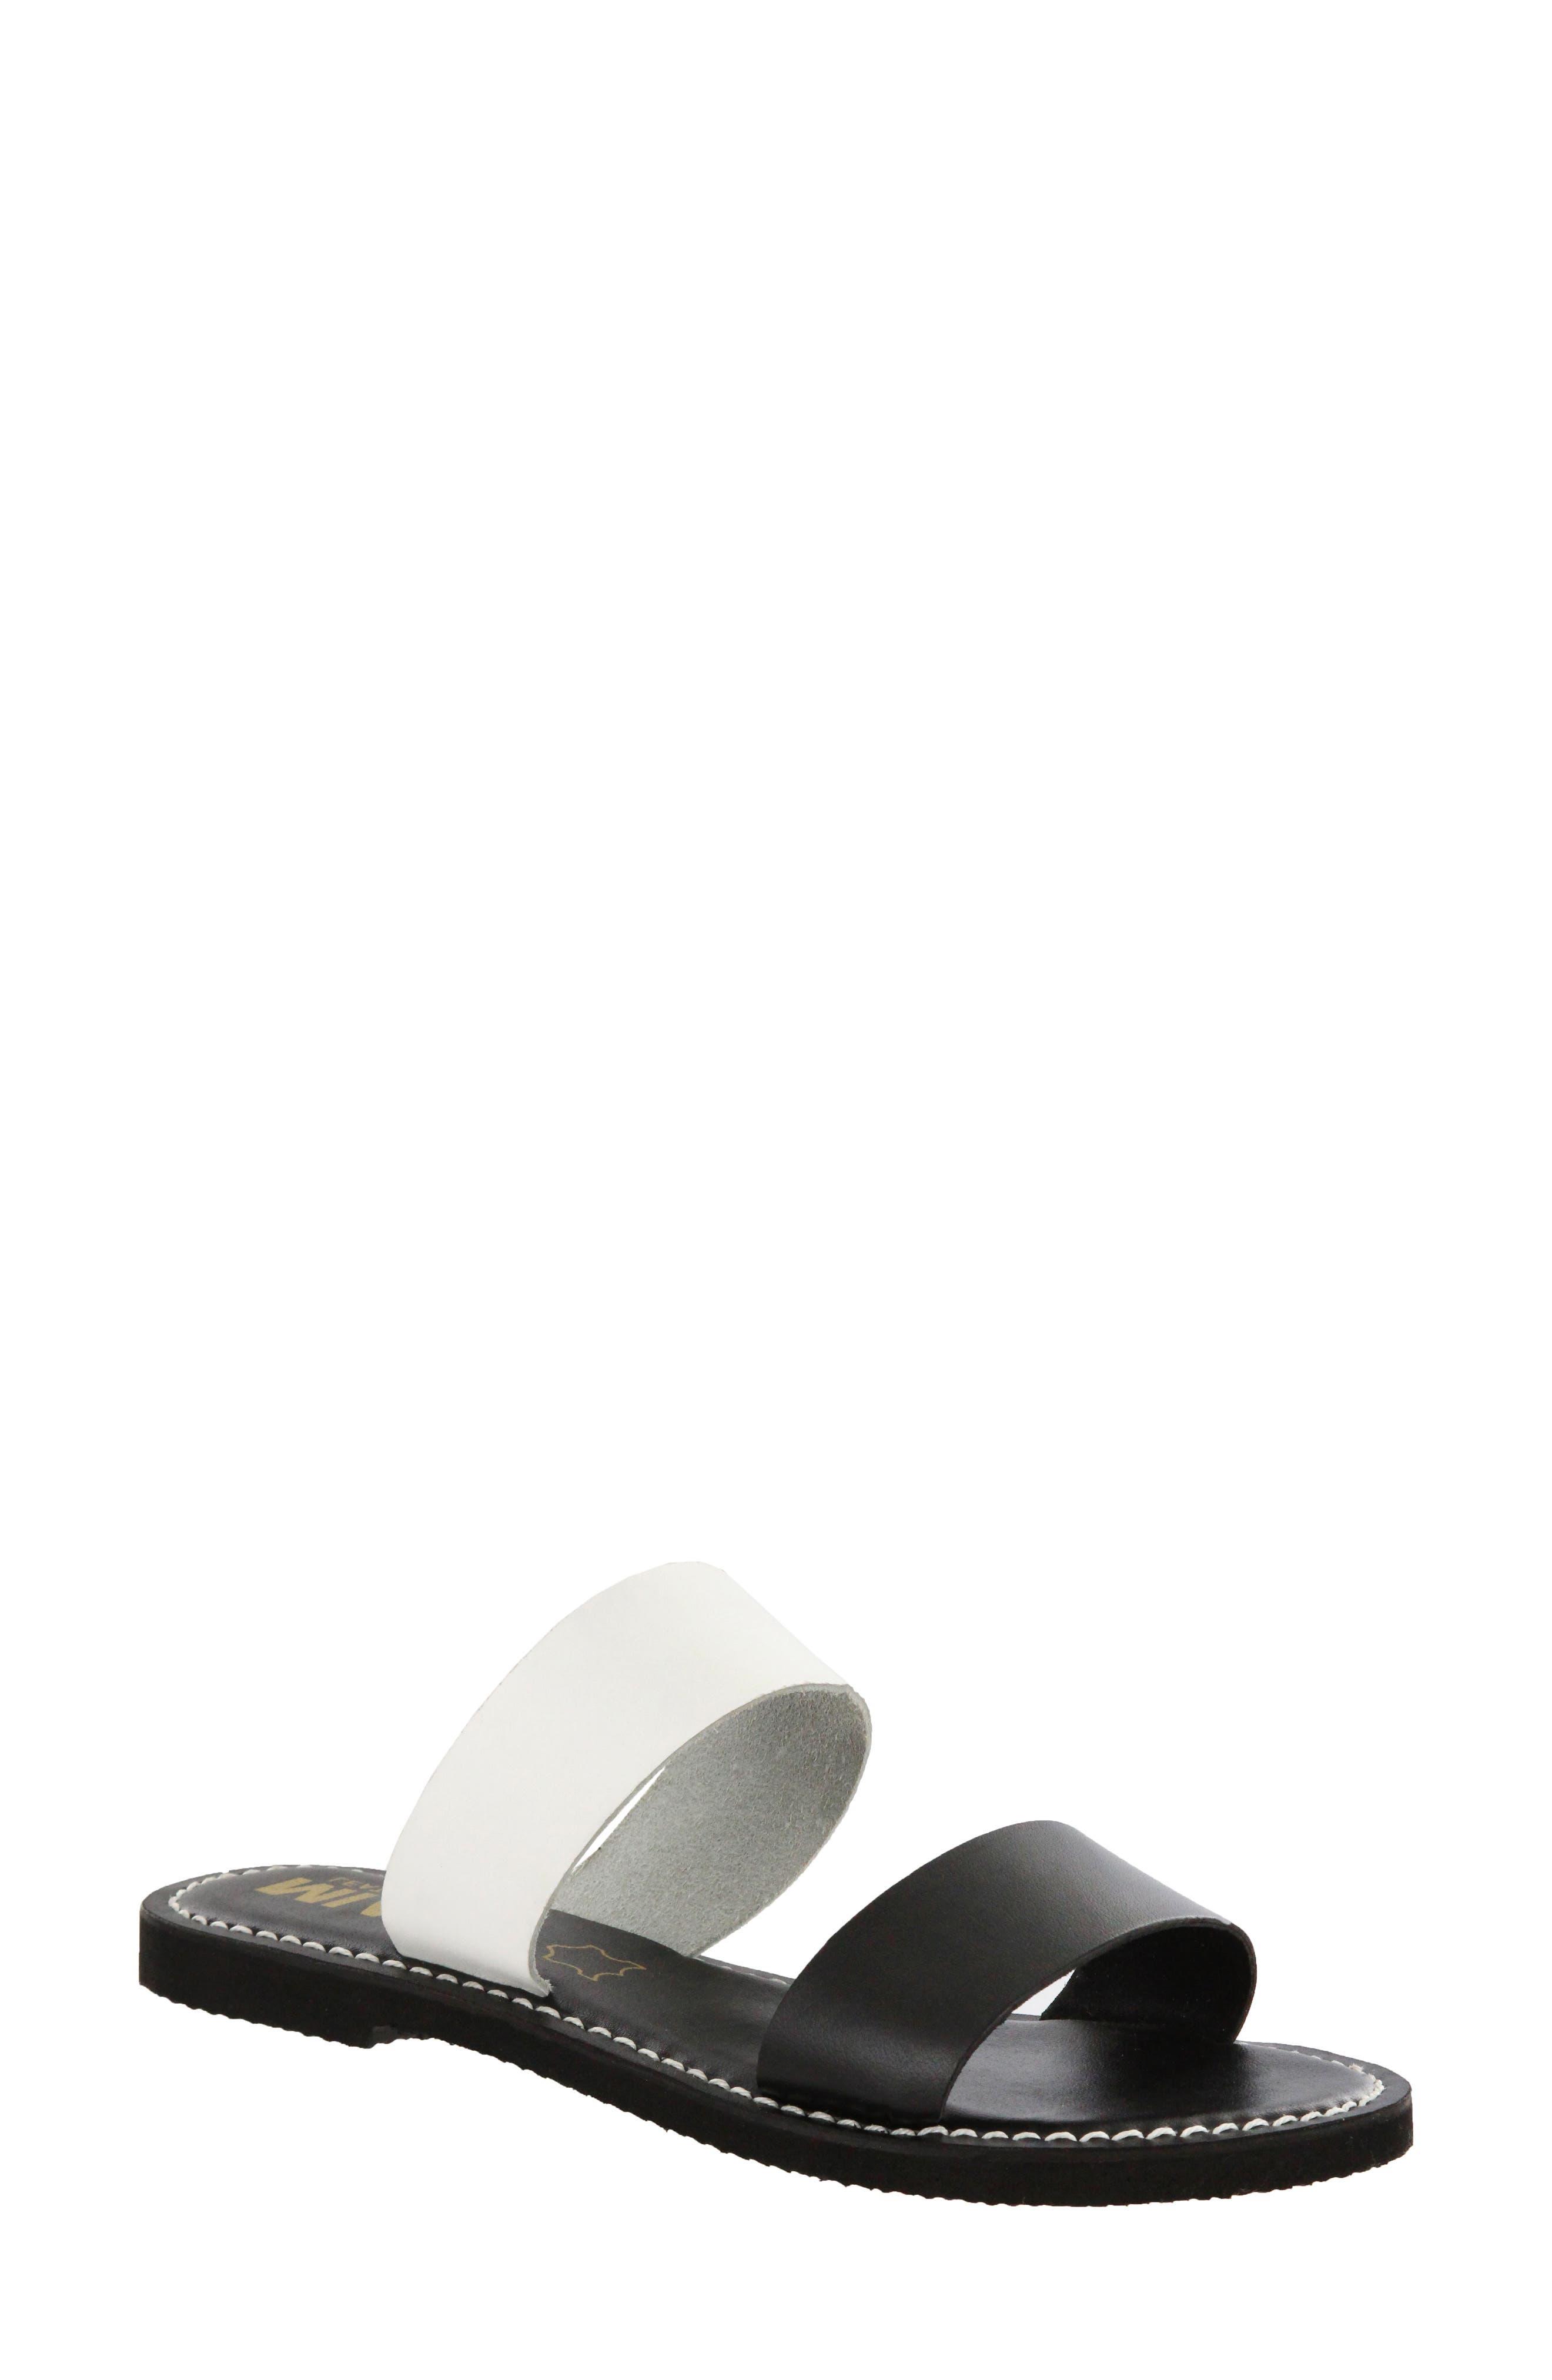 Nila Two-Band Slide Sandal,                             Main thumbnail 1, color,                             004